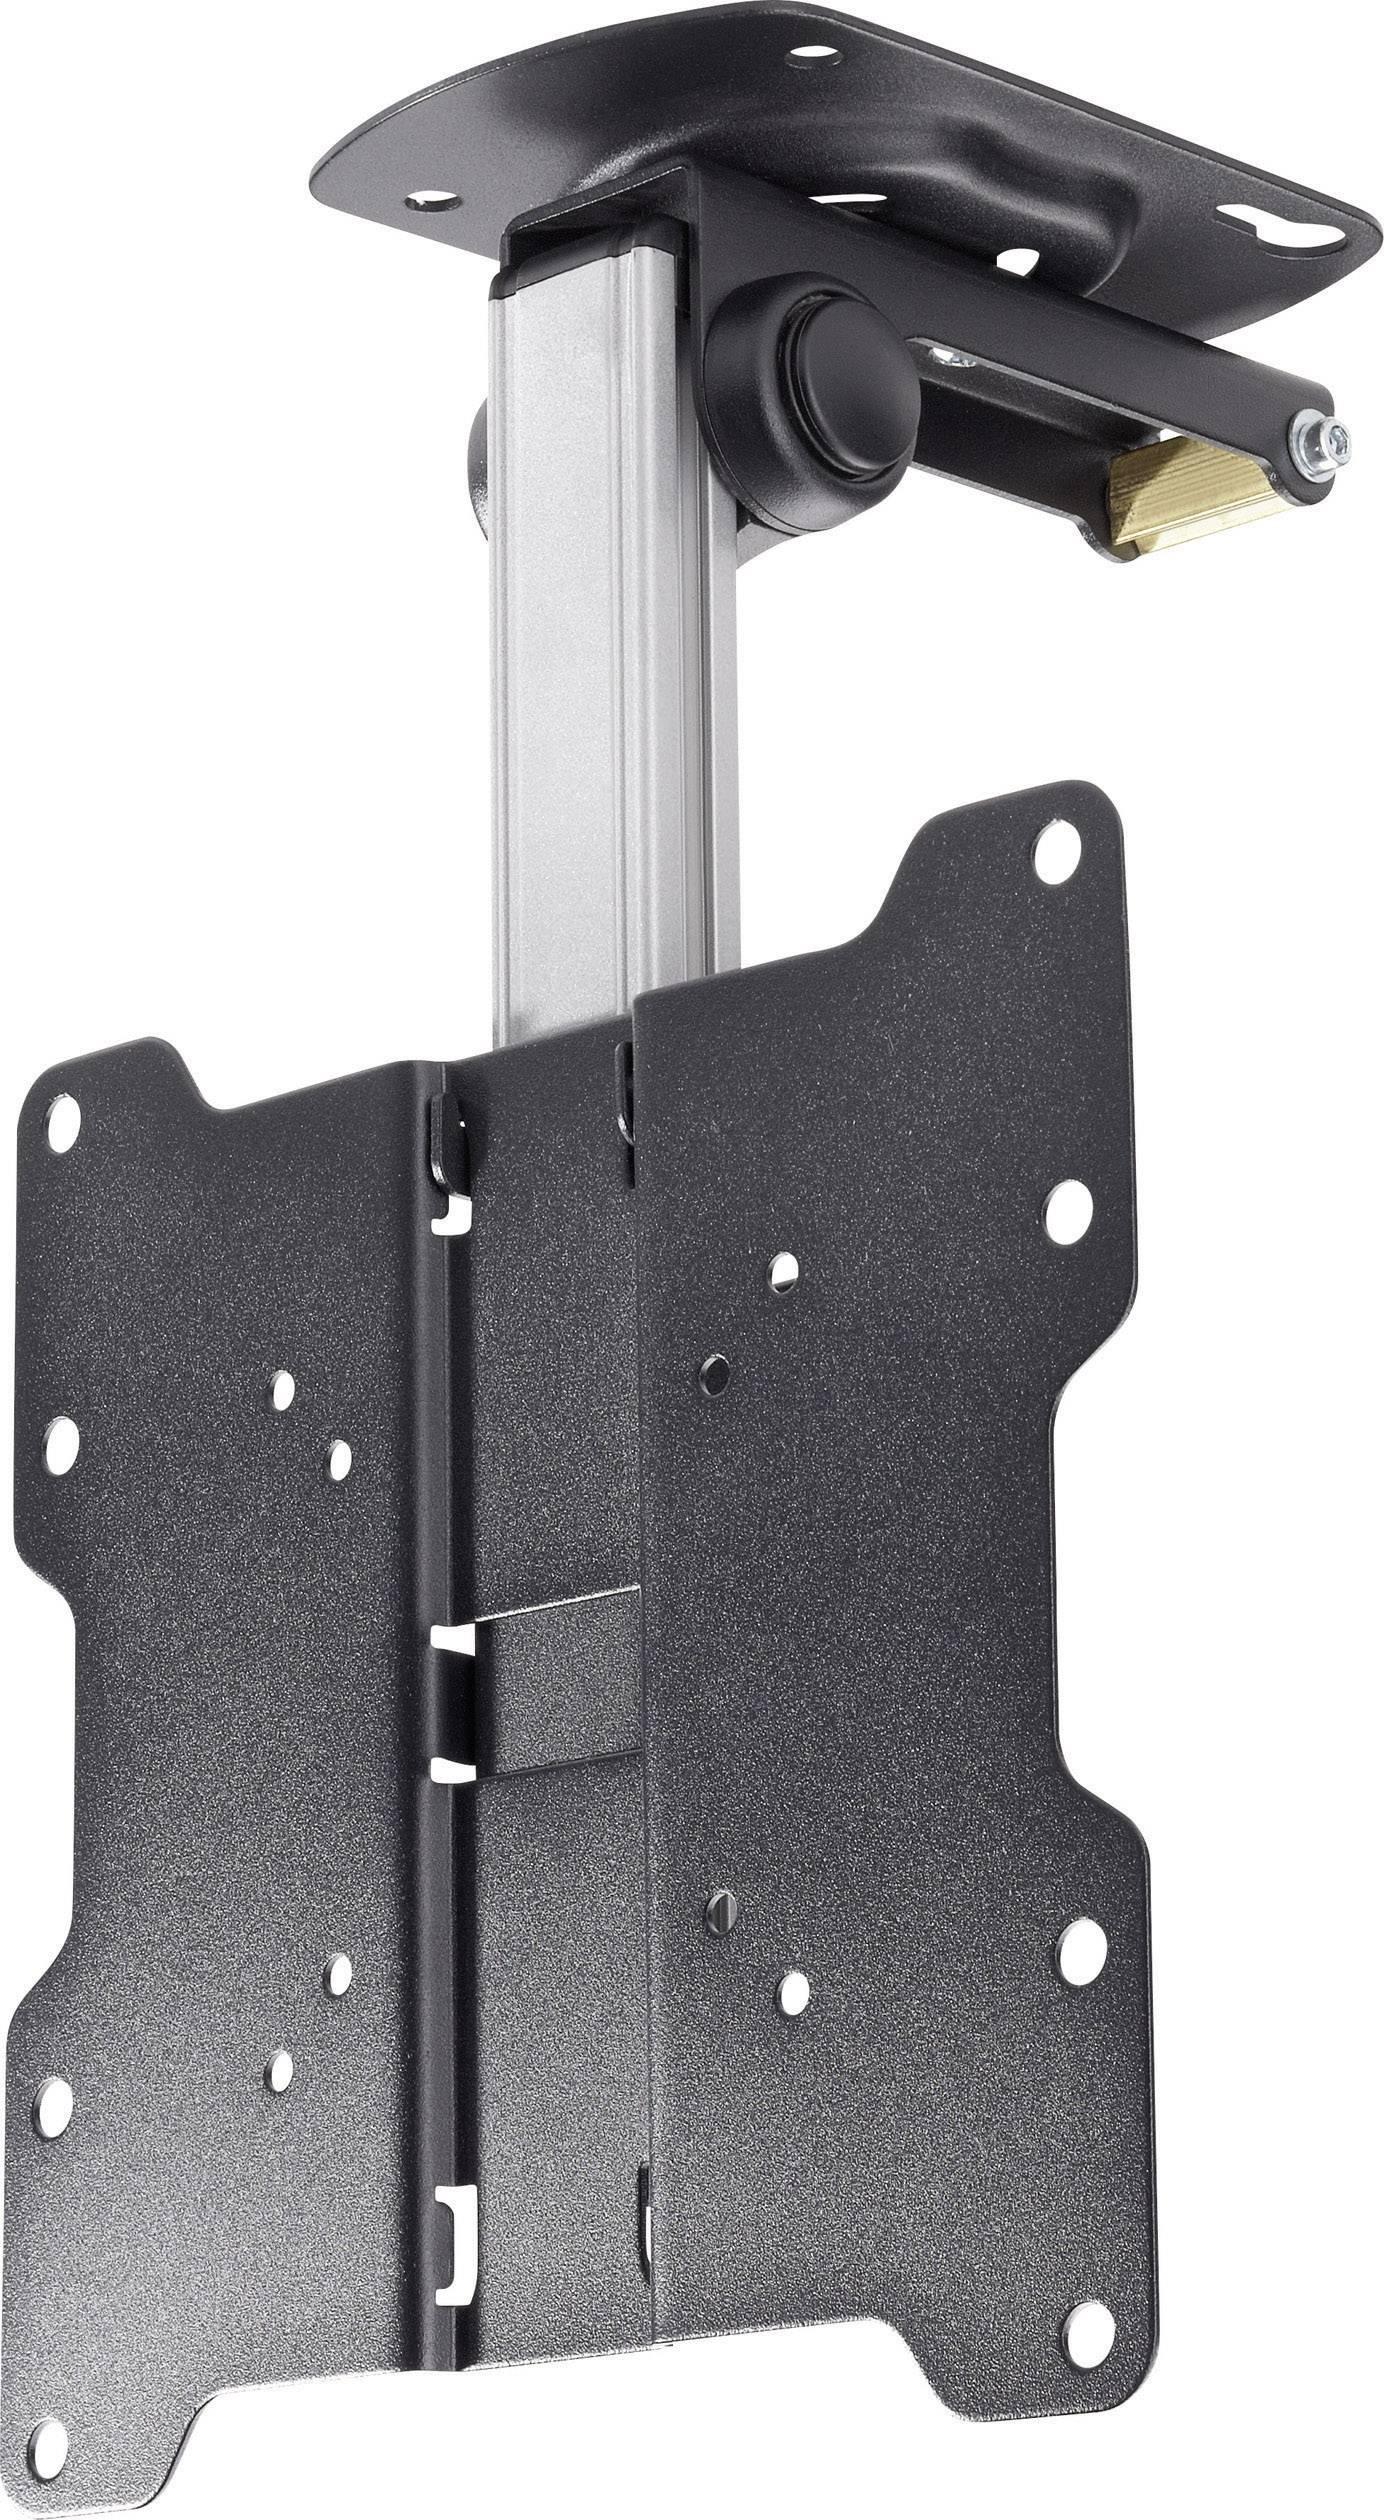 SpeaKa Professional DH-1500 TV-Deckenhalterung 43,2 cm (17\